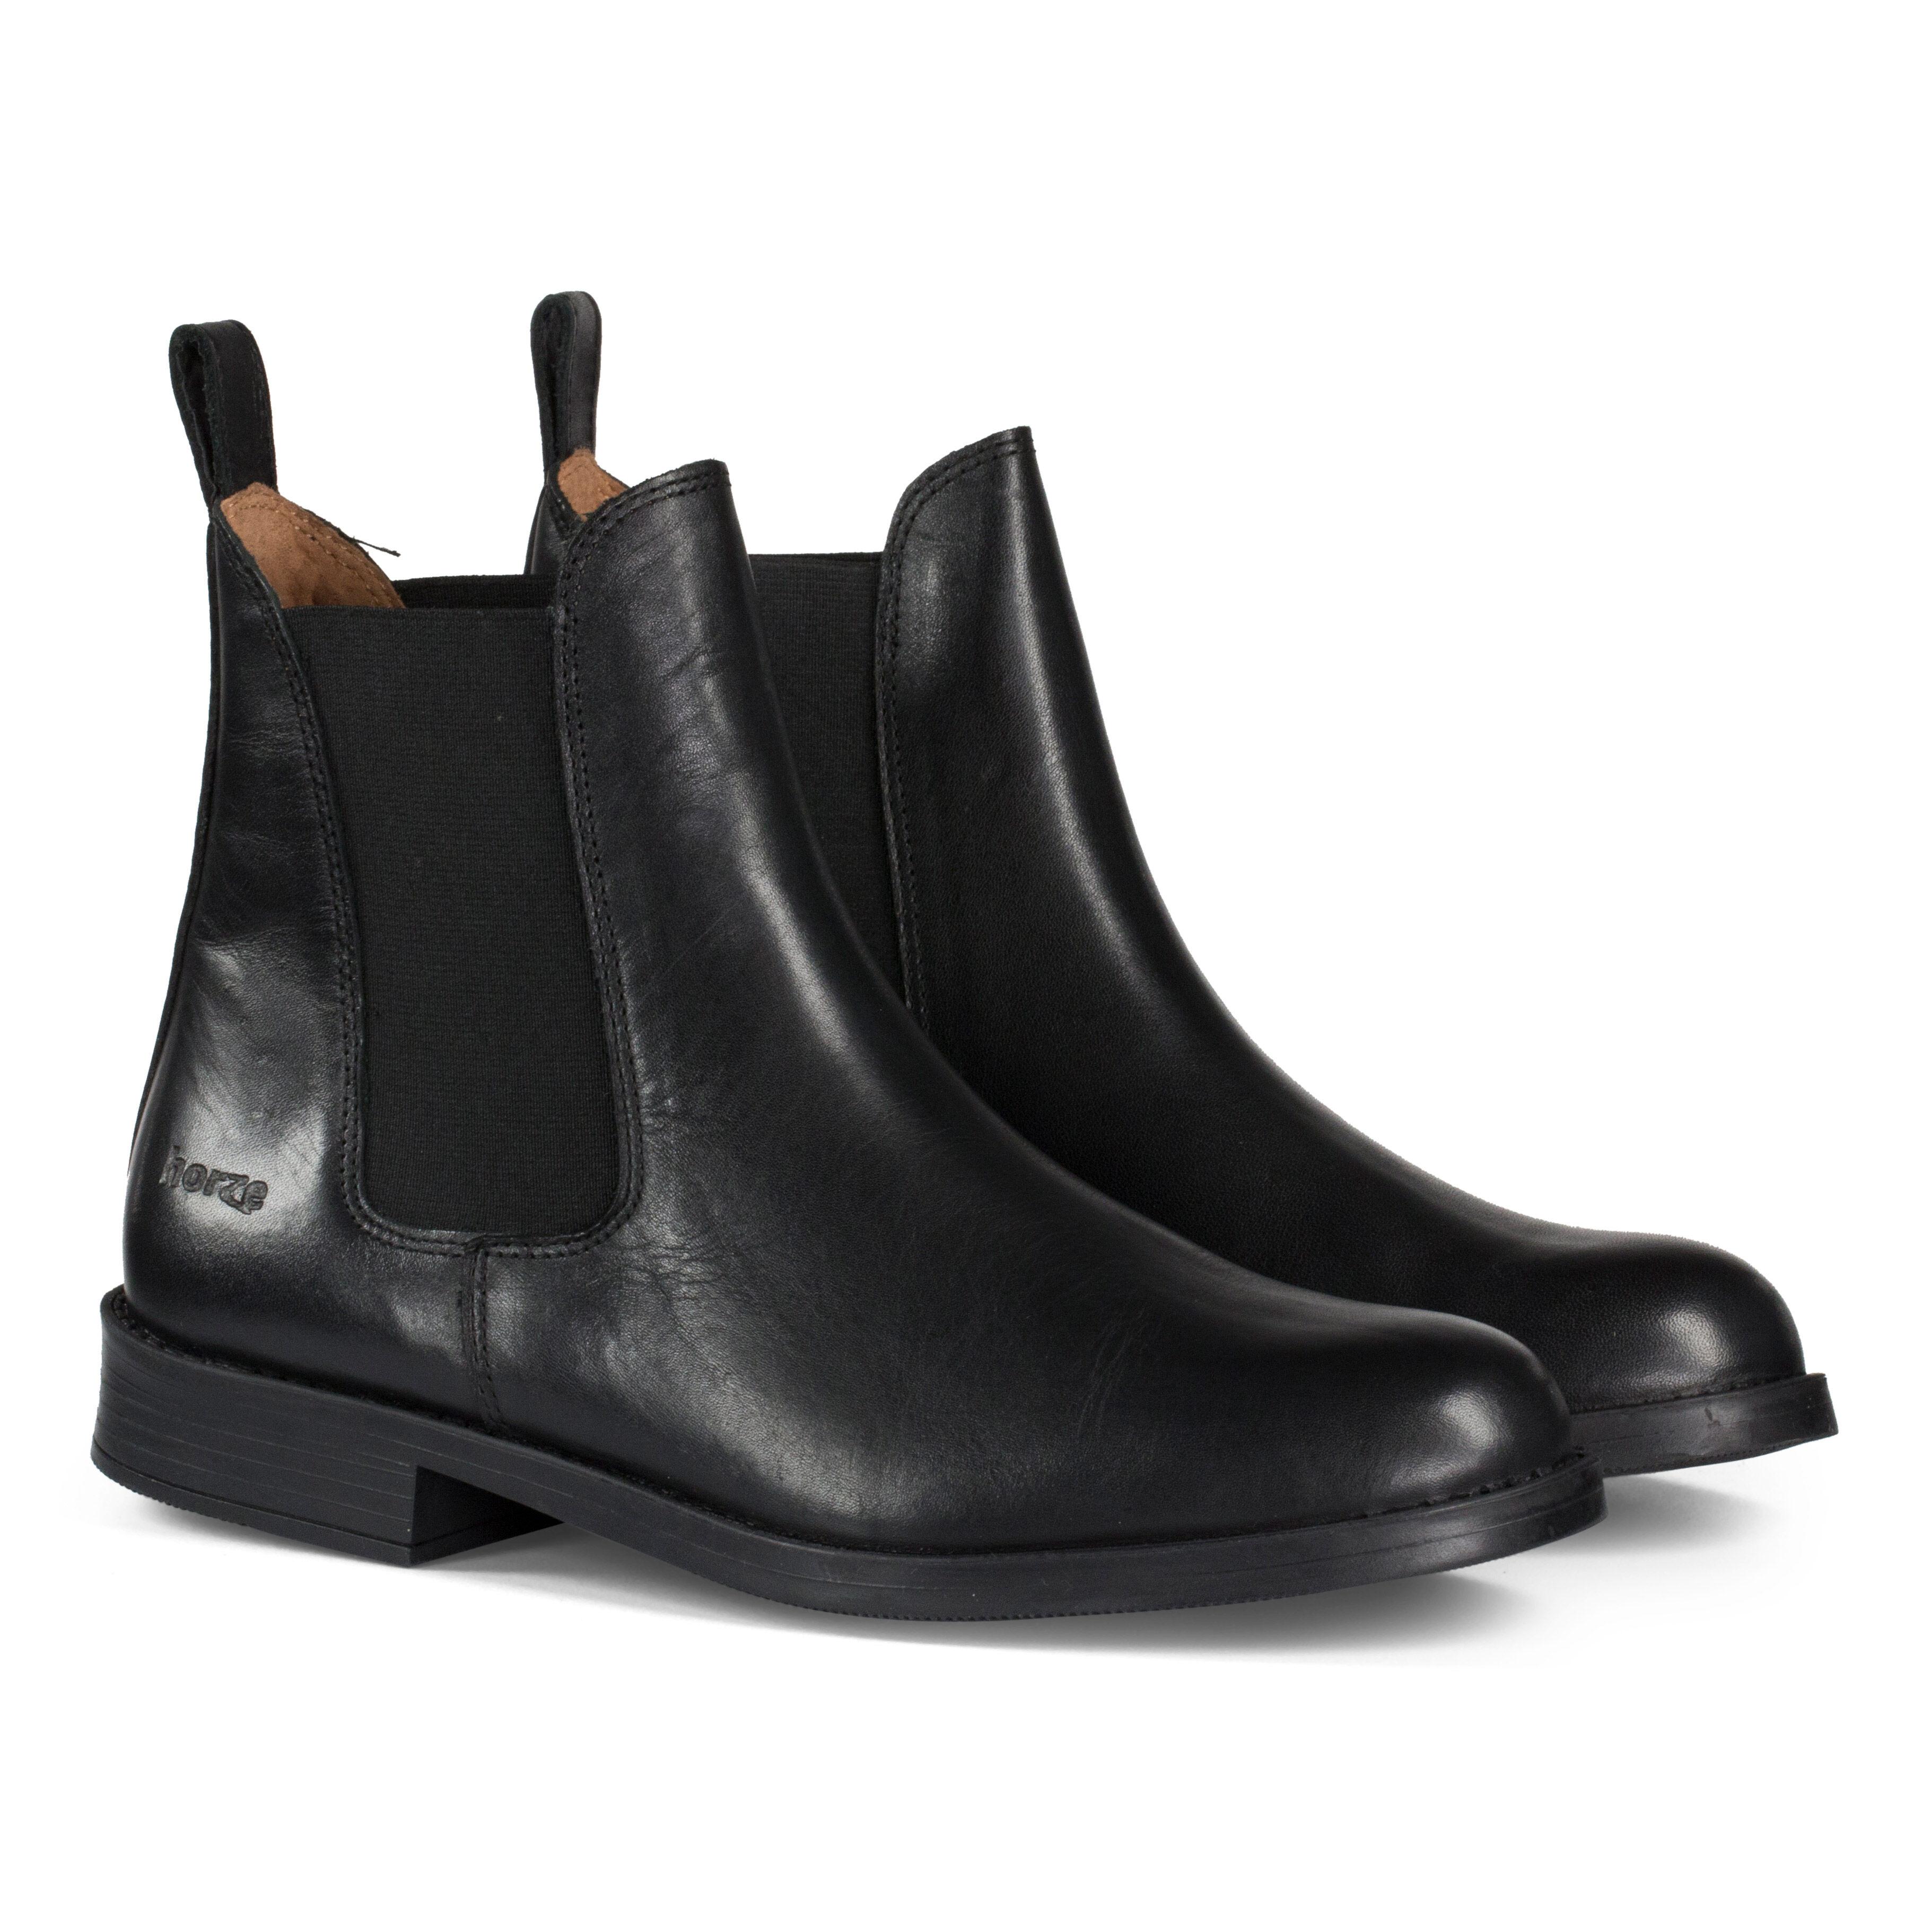 Jodhpurs Horze Classic Horze Boots Boots Cuir Boots Jodhpurs Jodhpurs Cuir Cuir Classic Classic b76yfg